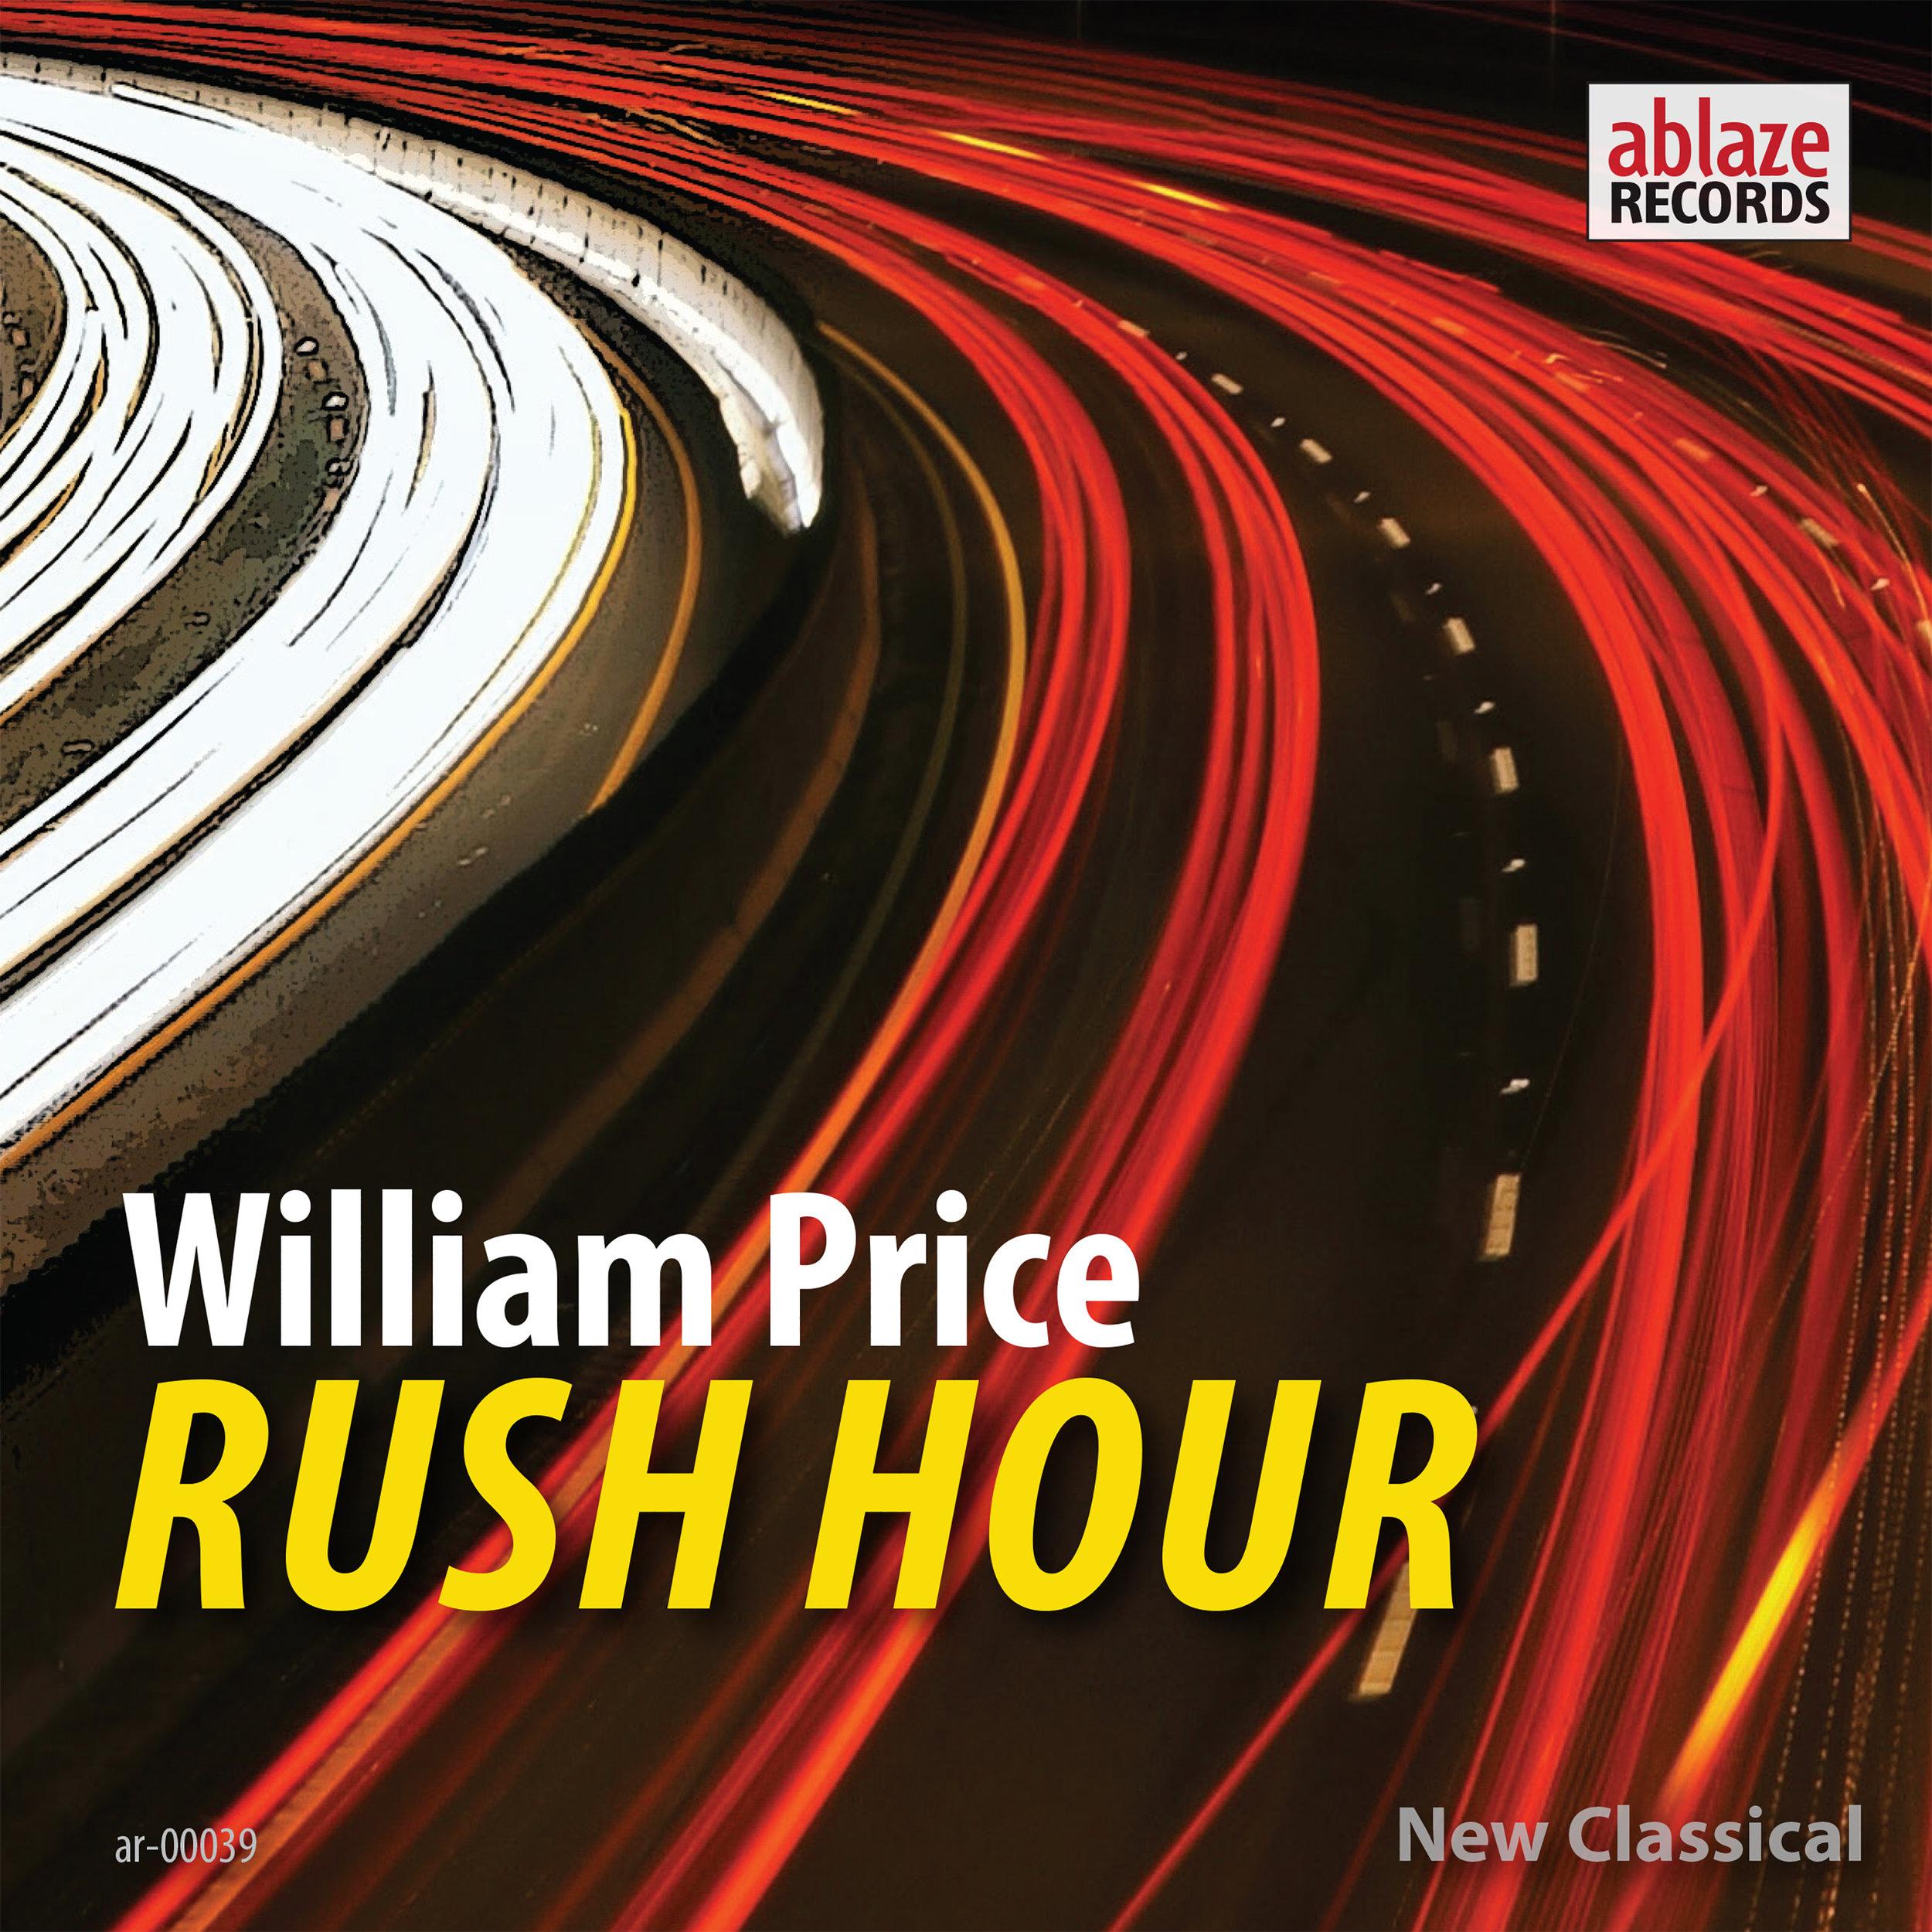 Price CD Rush Hour Cover.jpg